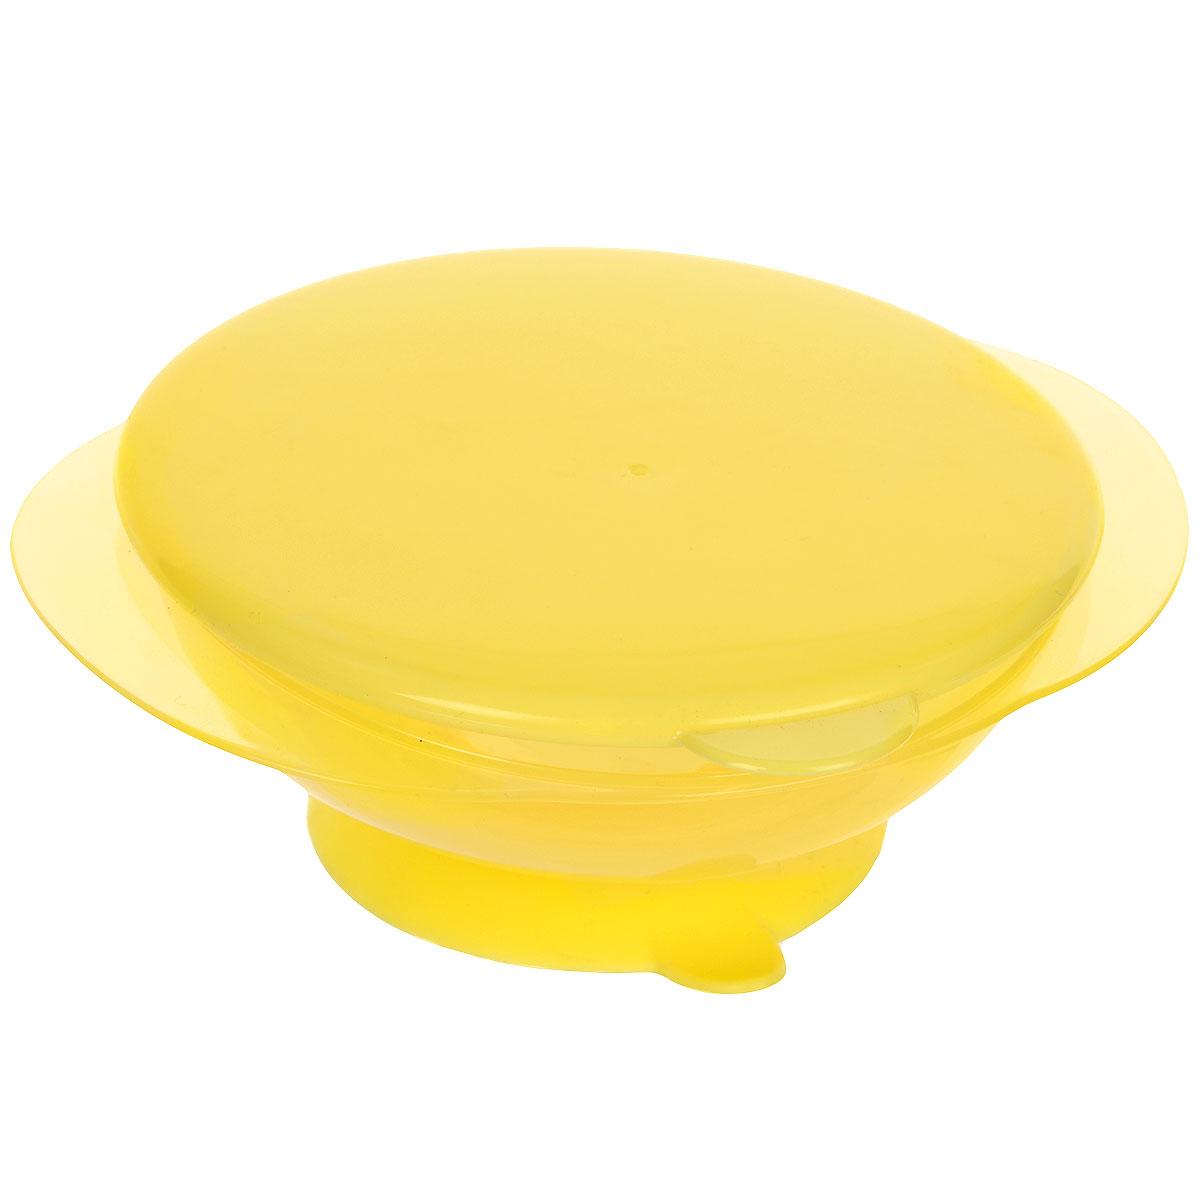 Тарелка на присоске Happy Baby, с крышкой, цвет: желтый15002_желтыйДетская тарелочка Happy Baby с удобной присоской идеально подойдет для кормления малыша и самостоятельного приема им пищи. Тарелочка выполнена из безопасного прозрачного полипропилена, не содержащего Бисфенол А. Специальная резиновая присоска фиксирует тарелку на столе, благодаря чему она не упадет, еда не прольется, а ваш малыш будет доволен. В комплект к тарелке предусмотрена плотно закрывающаяся крышка, которая позволит сохранить остатки еды или будет полезна в дороге. Характеристики: Материал: полипропилен, термопластичный эластомер. Рекомендуемый возраст: от 8 месяцев. Размер тарелки: 16,5 см х 14 см х 6 см. Диаметр присоски: 8 см.